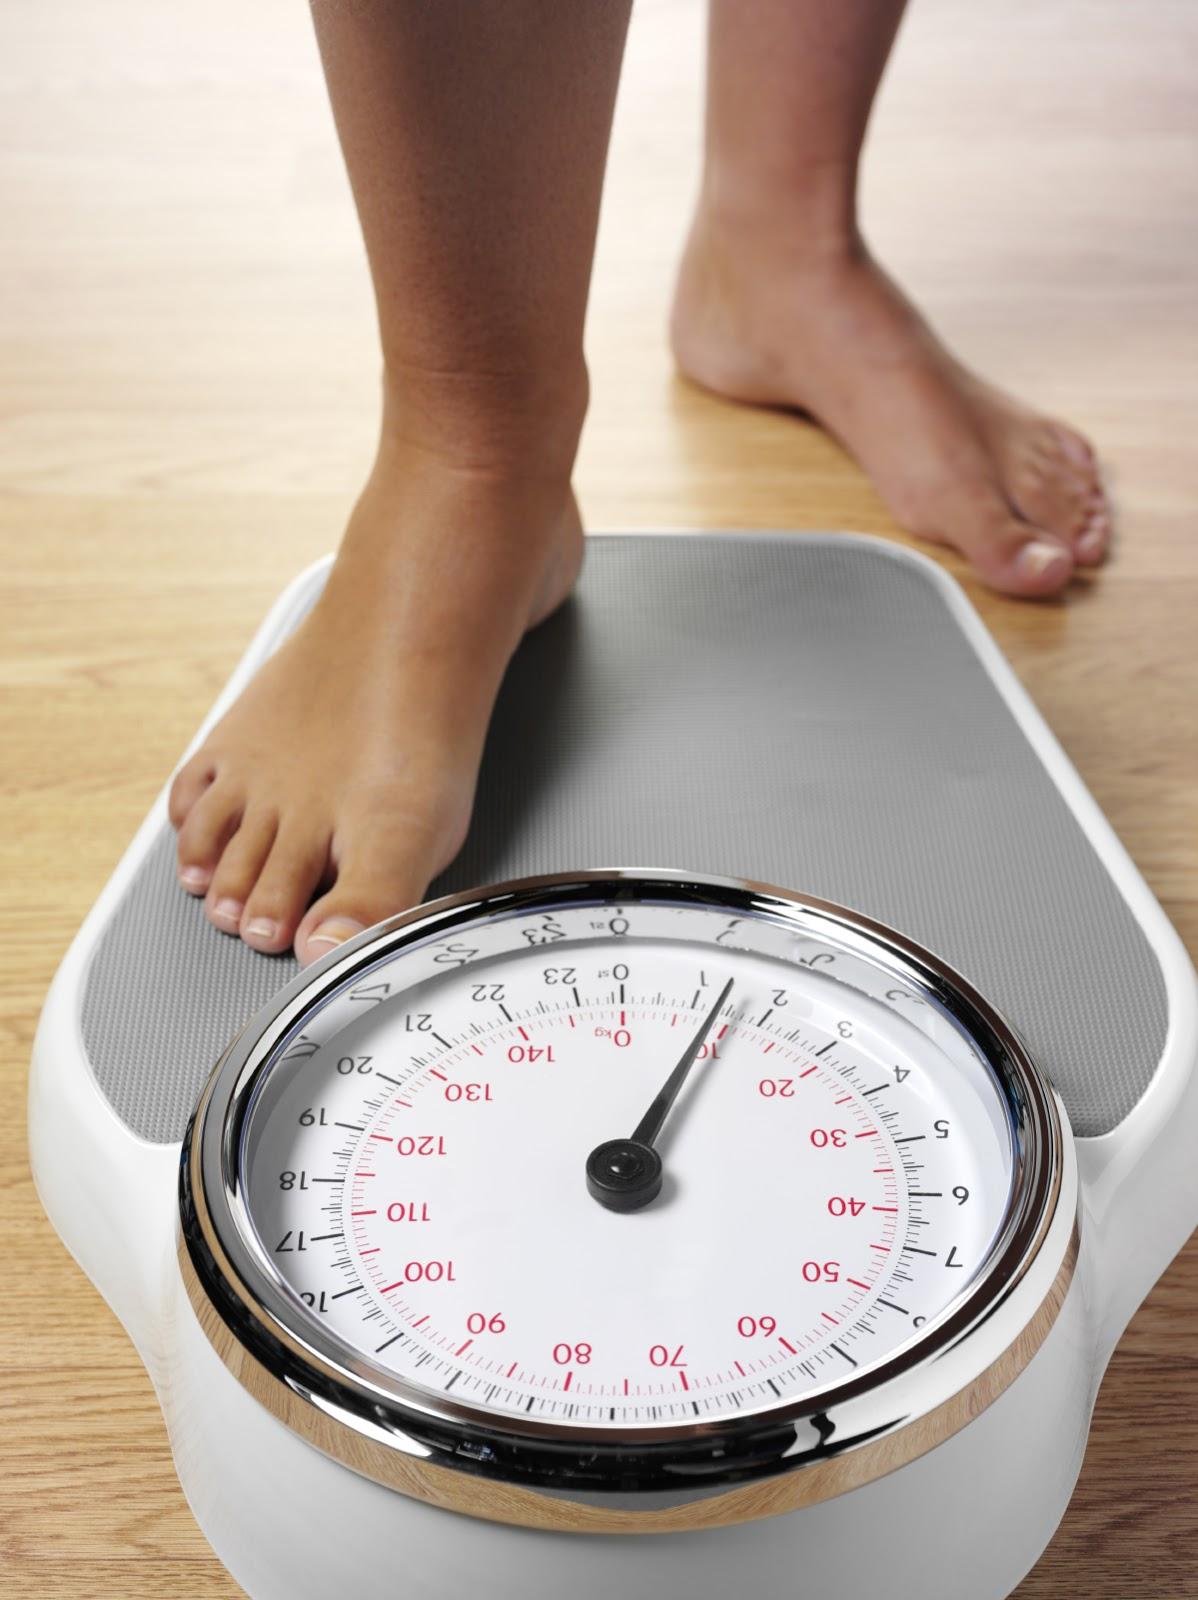 Cuanto se puede bajar de peso en 2 semanas